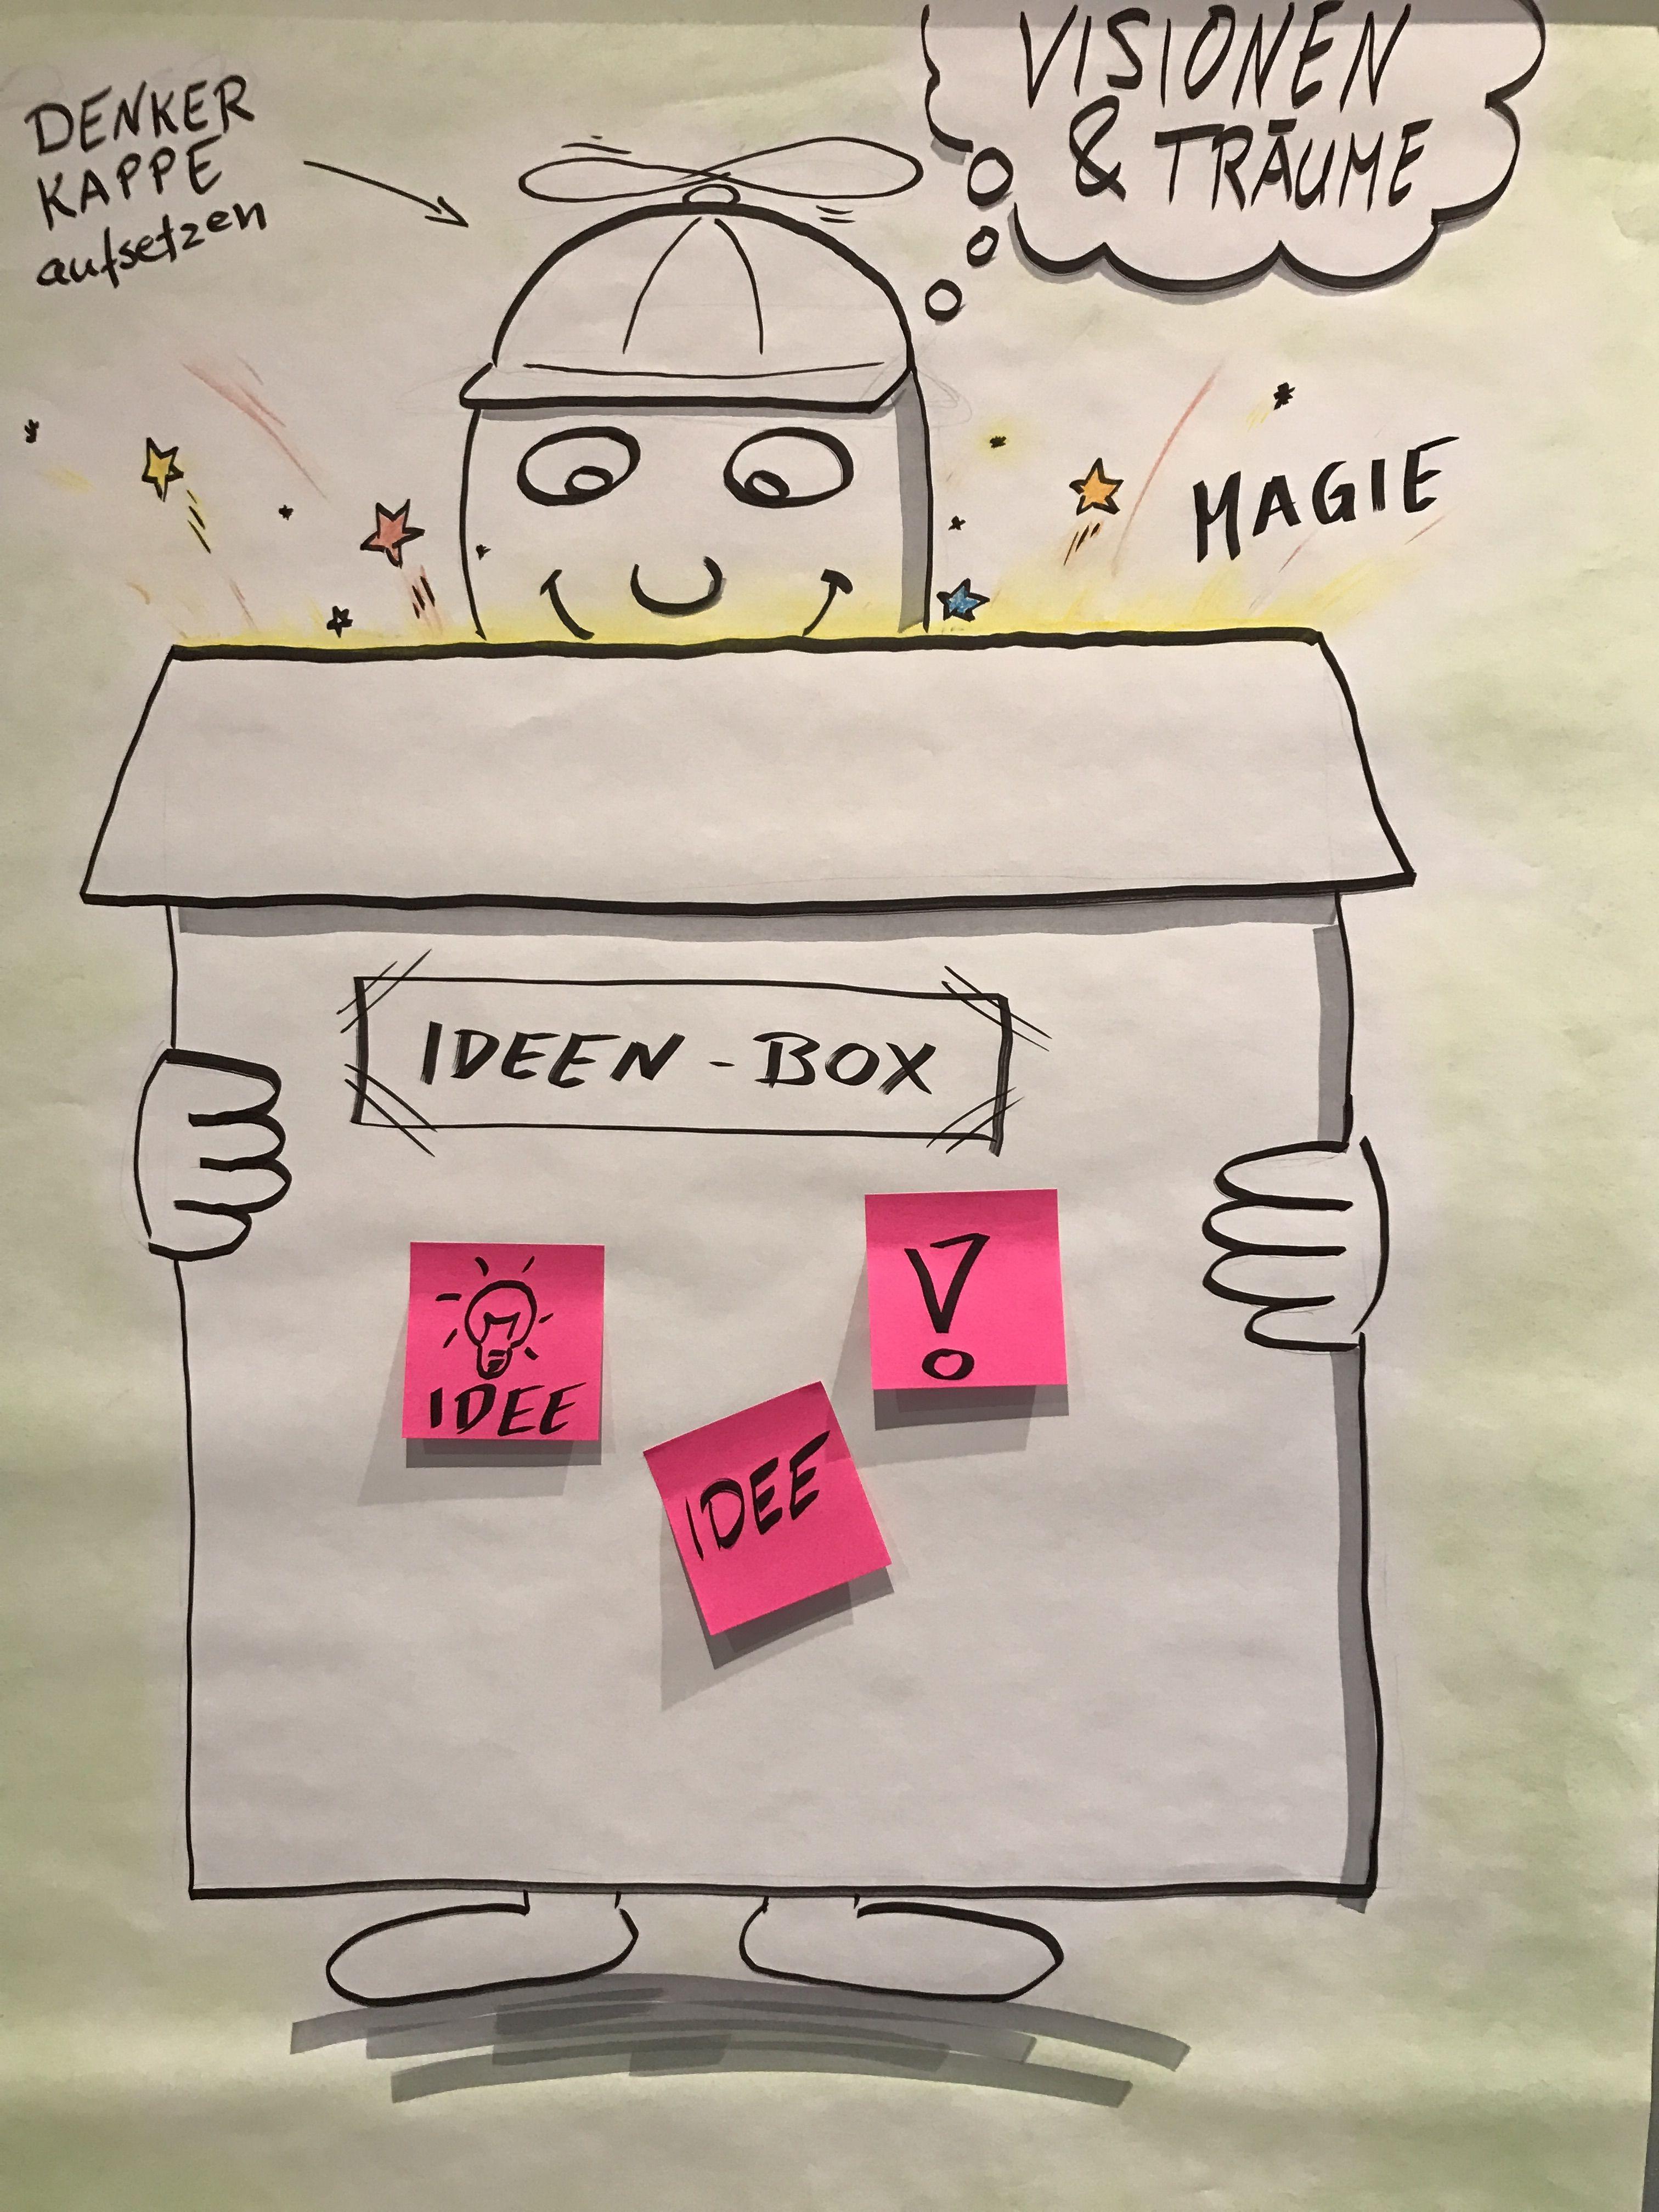 ideenbox als poster das team kann mit post its ideen festhalten dank der visualisierung ist. Black Bedroom Furniture Sets. Home Design Ideas